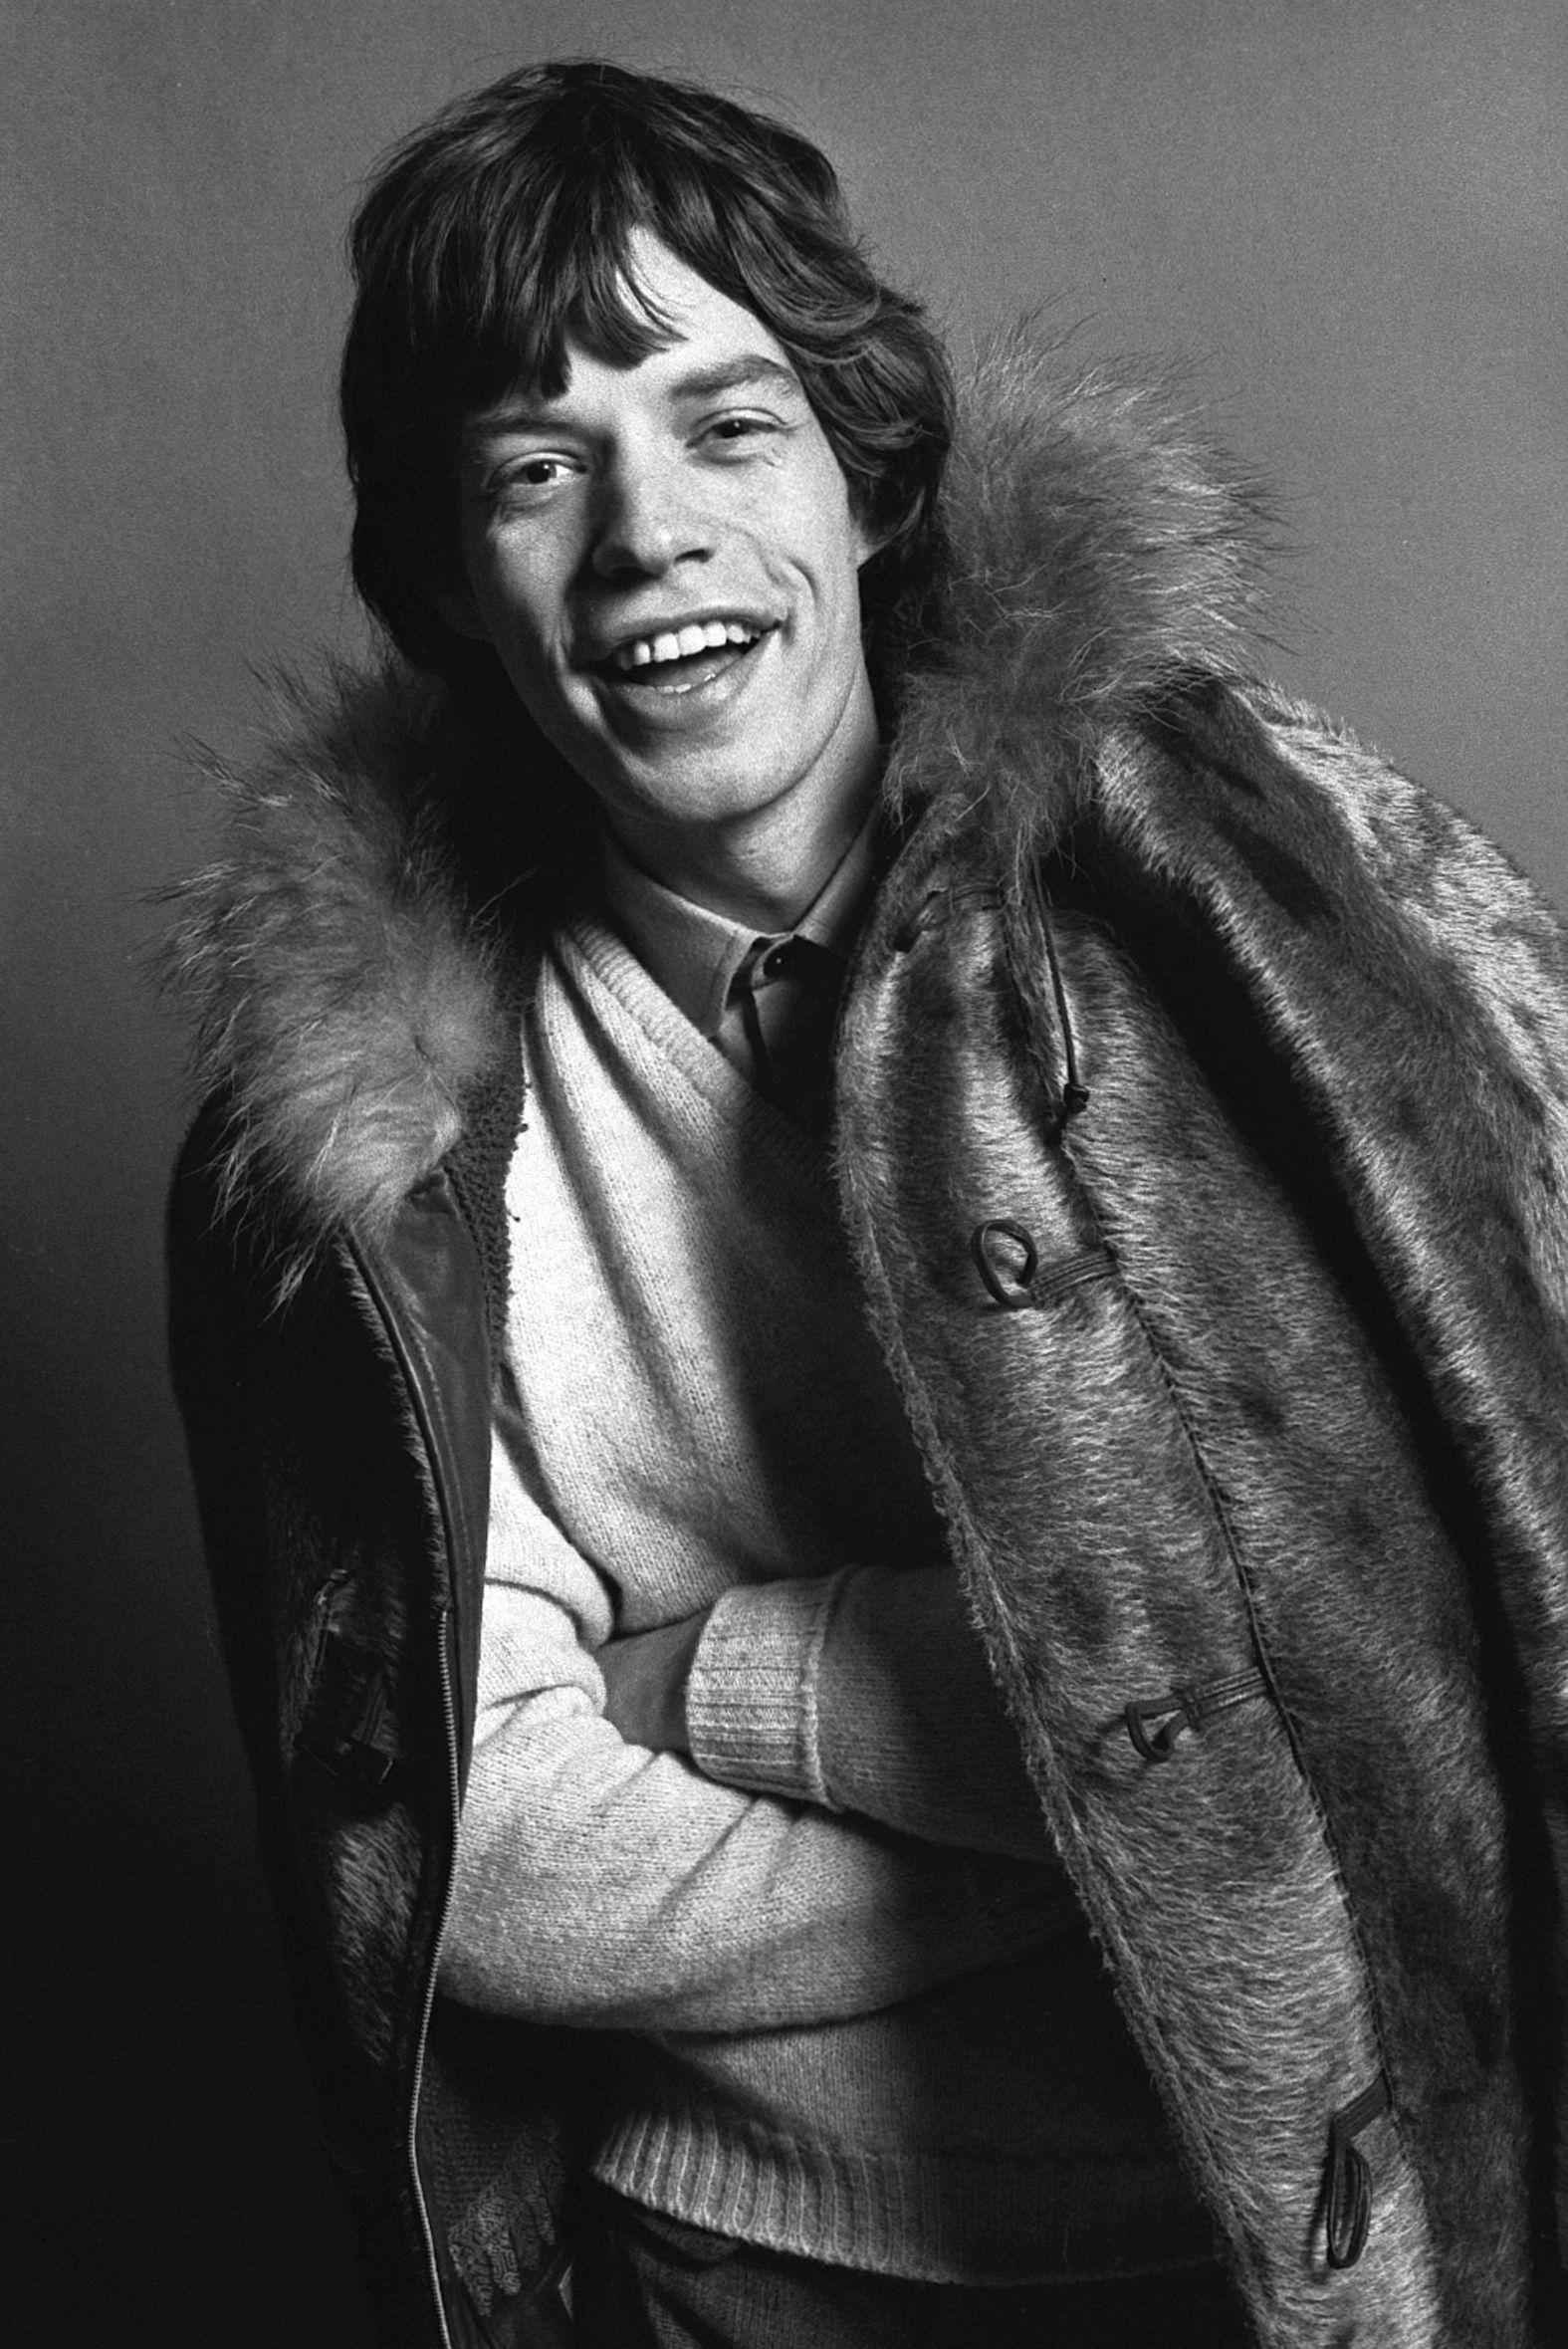 Mick Jagger Laughing wearing Fur Coat, c.1963